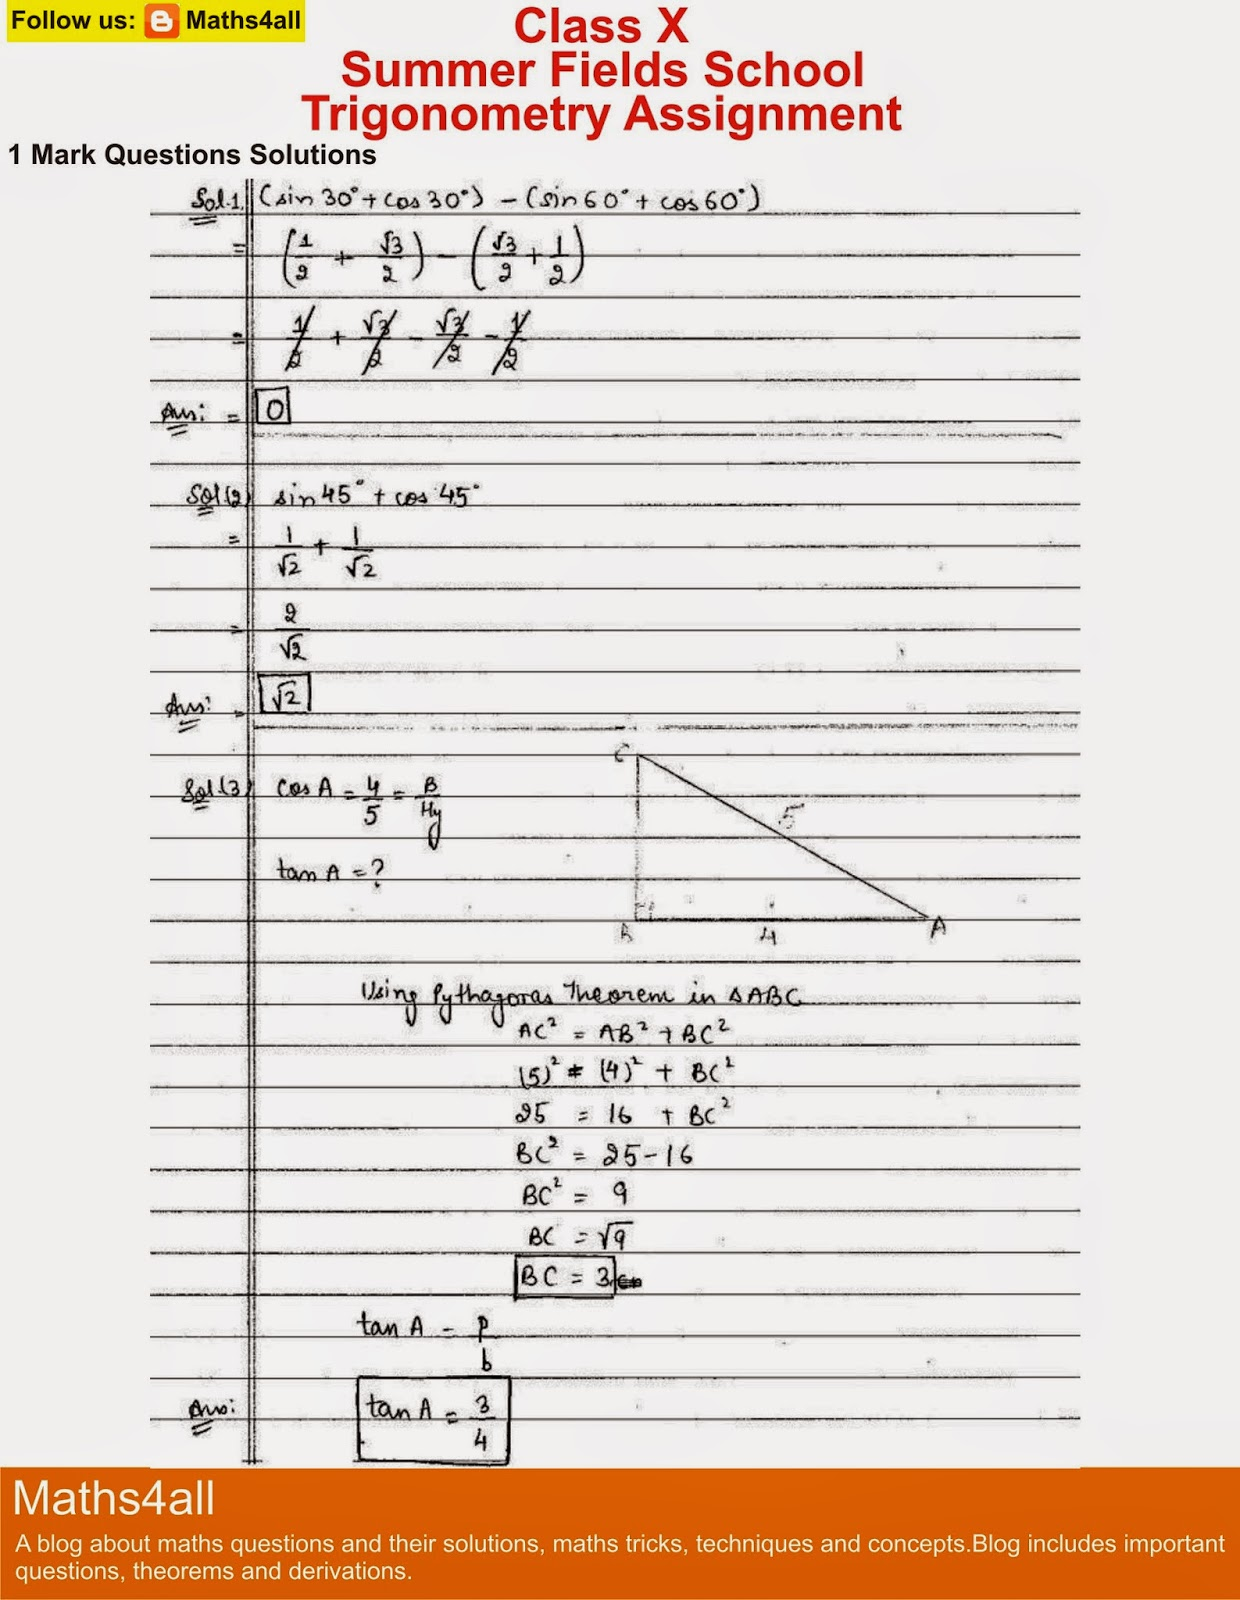 Trigonometry assignment